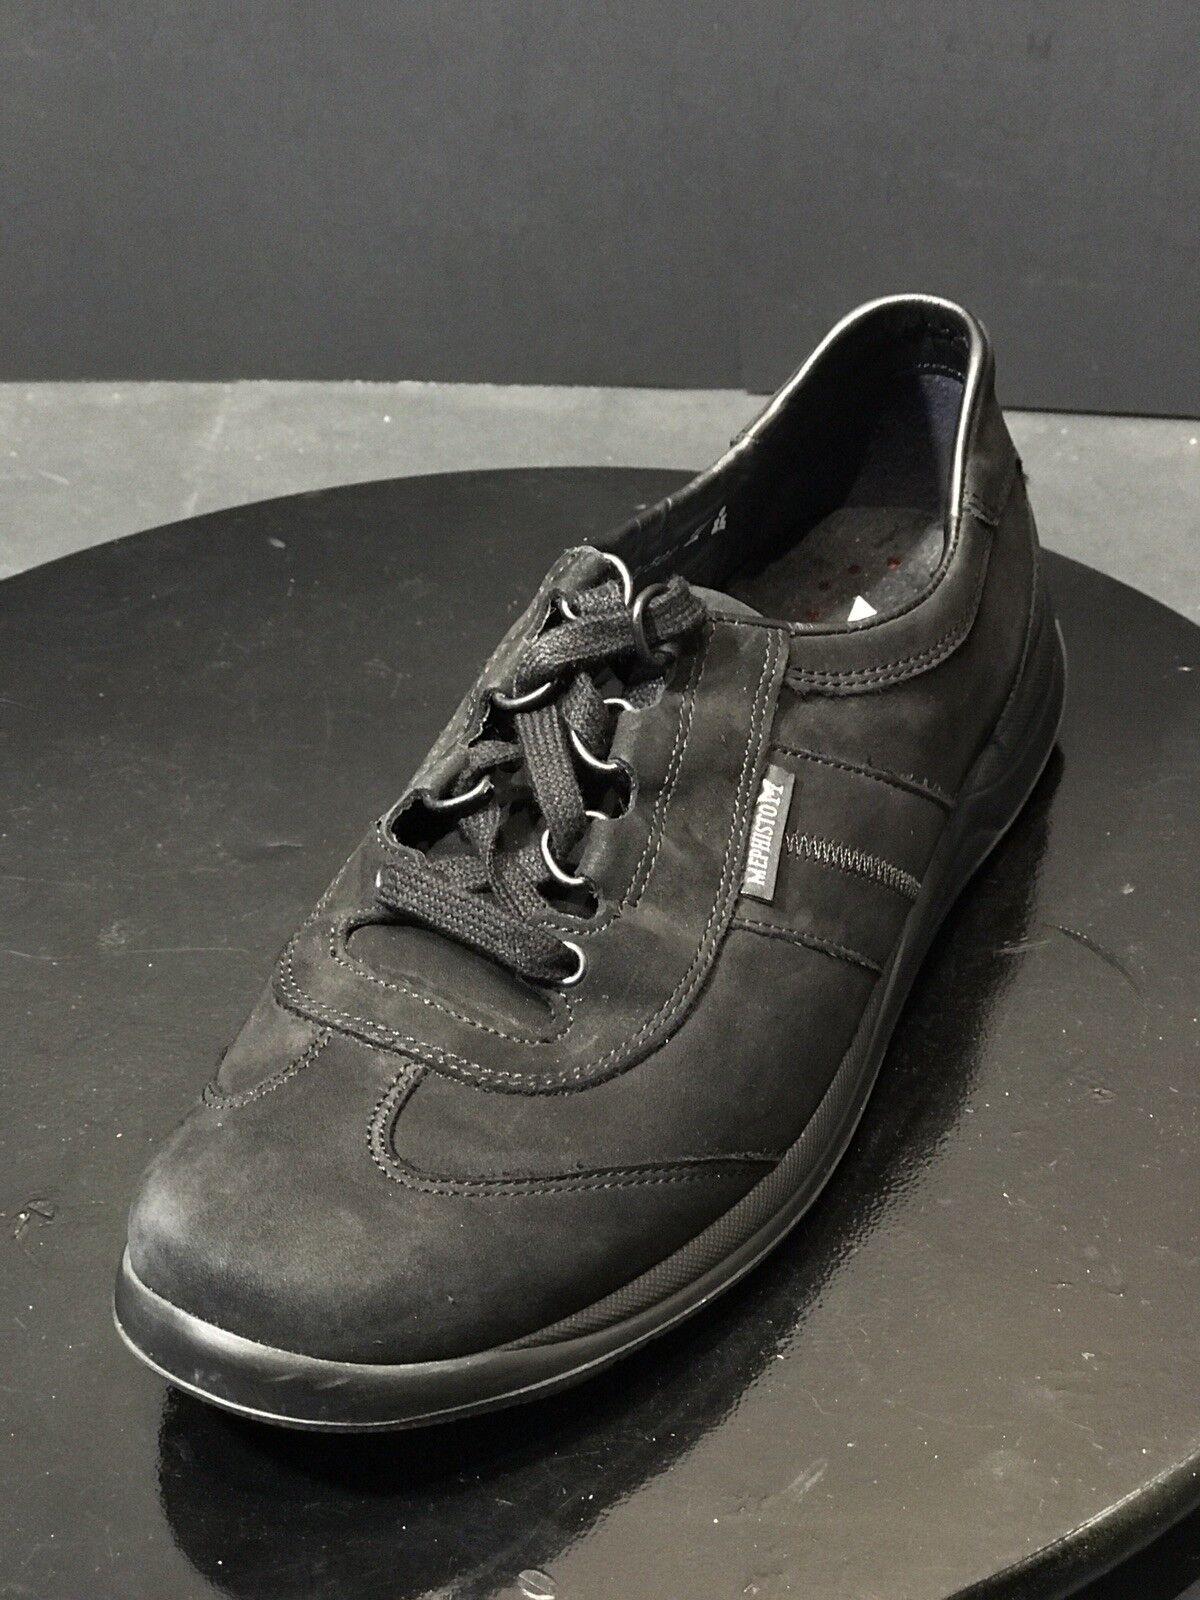 prezzi più convenienti Mephisto Laser donna nero Suede Comfort Oxford Oxford Oxford scarpe da ginnastica Dimensione US 8.5 M  RTL  200  negozio online outlet